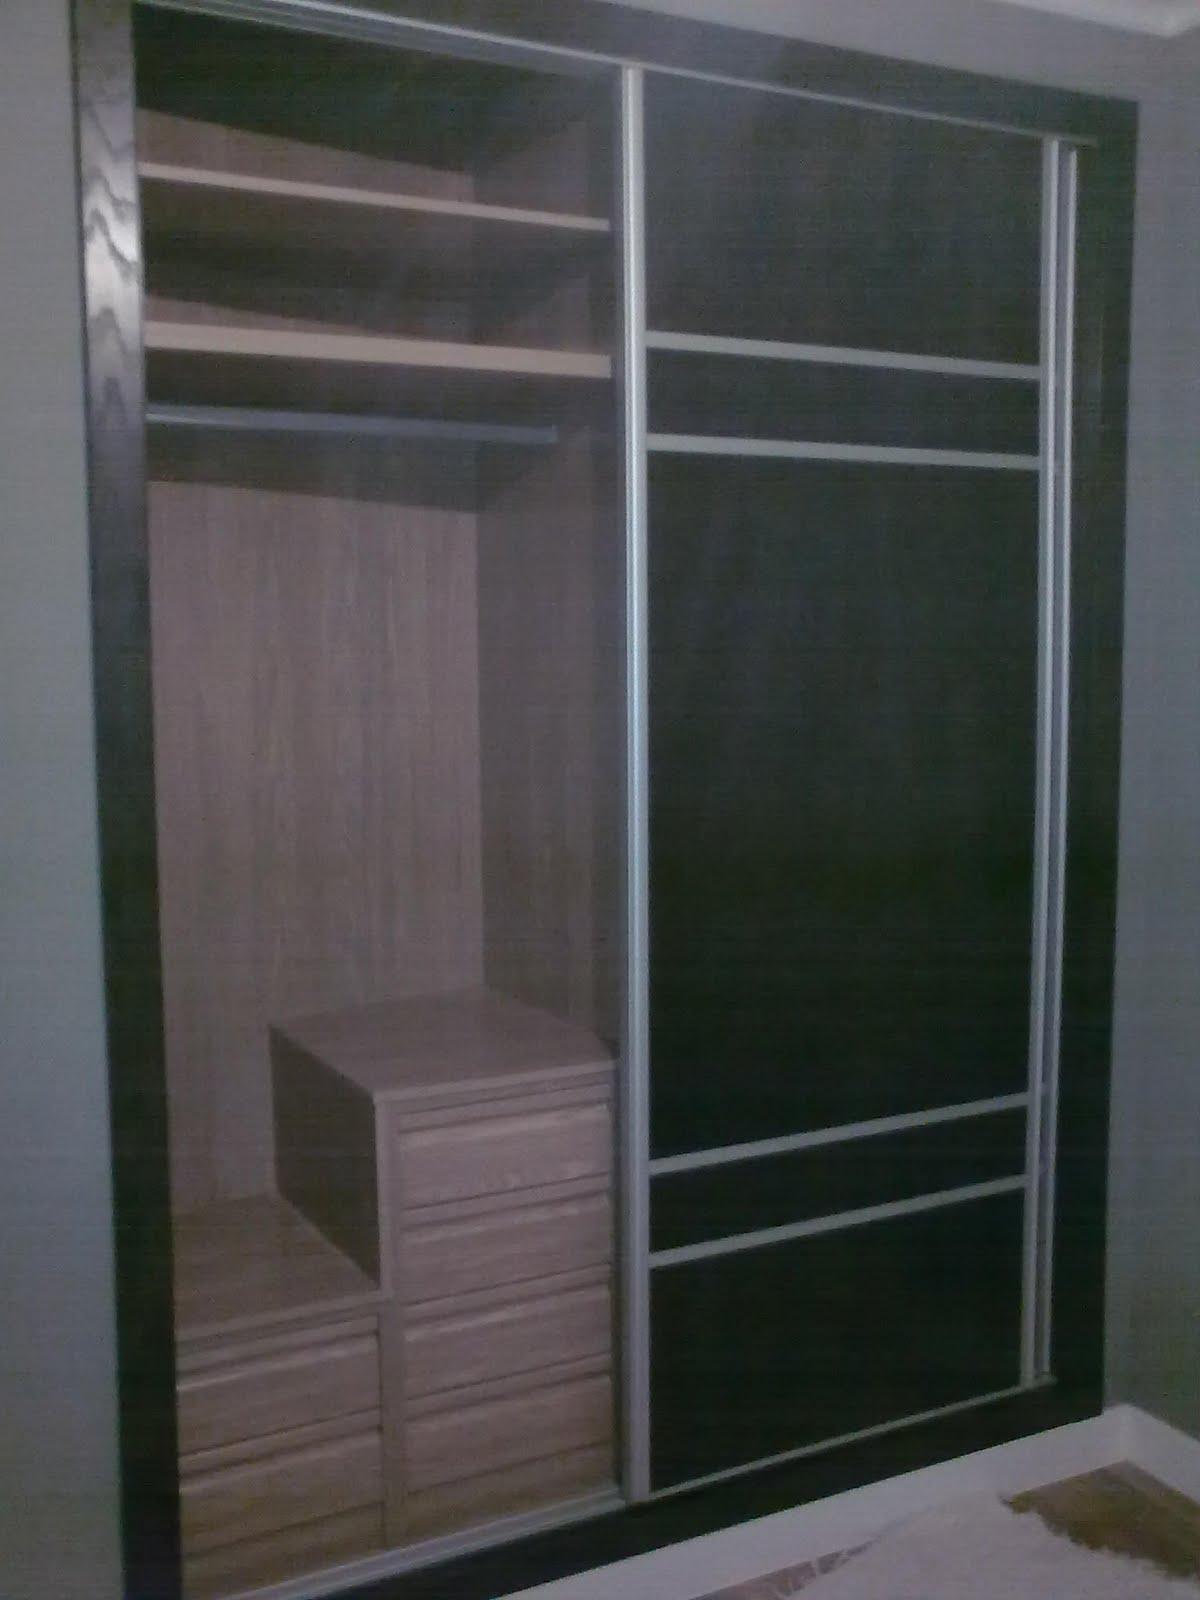 Montajes pacheco dominguez dmp armarios empotrados y - Montaje armario empotrado ...